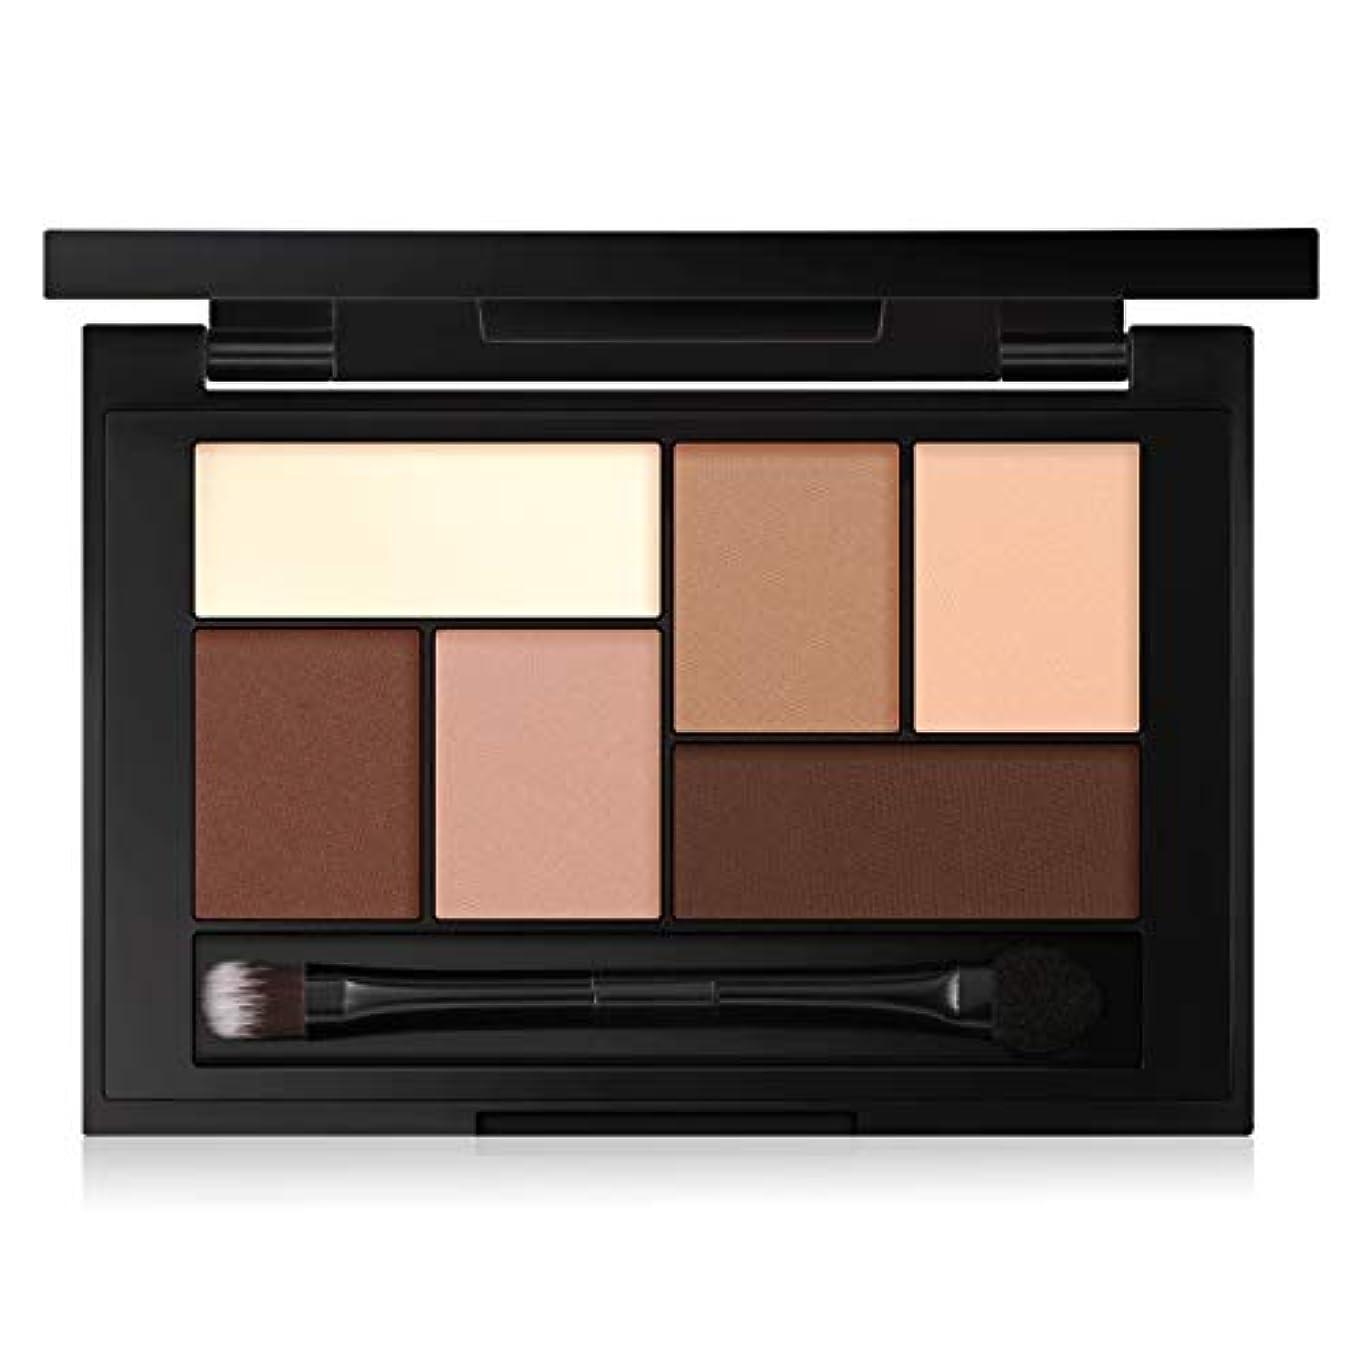 民間マント生理SACE LADY Eyeshadow Palette Highly Pigmented Matte and Shimmer Finish Eye Makeup 12g/0.4oz.